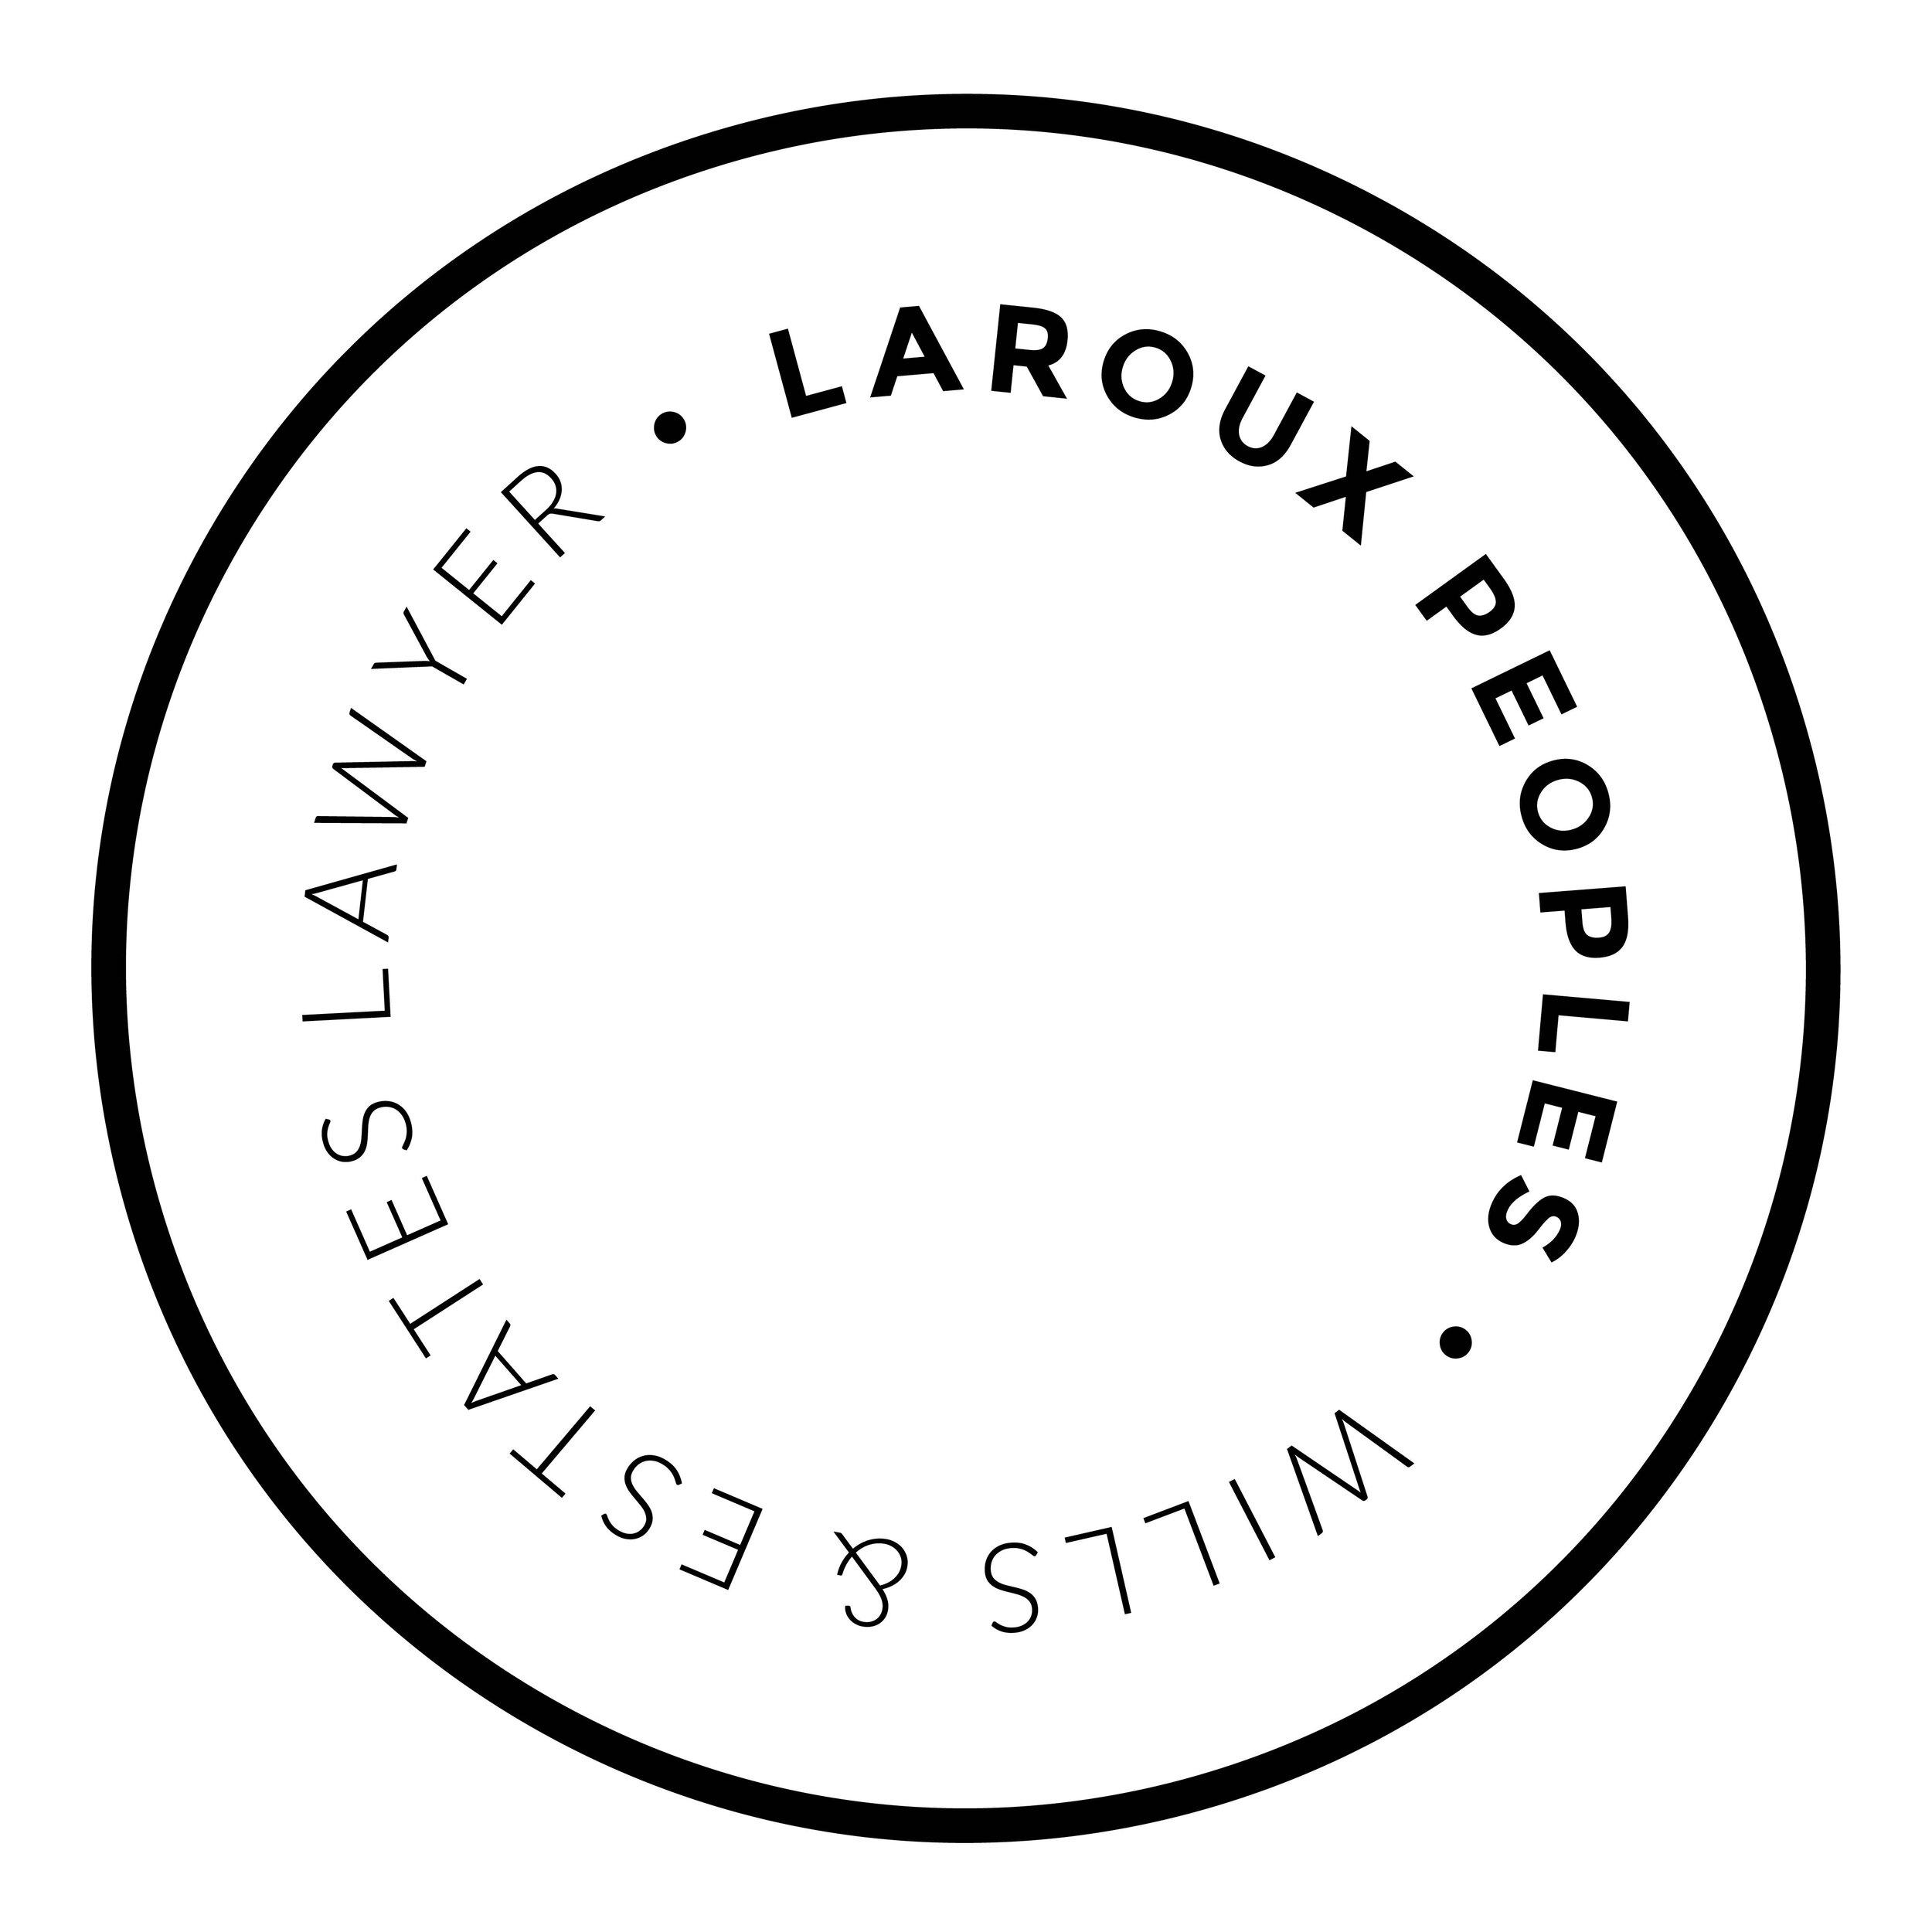 LAROUX-PEOPLES-LOGO-Circle-Black.jpg